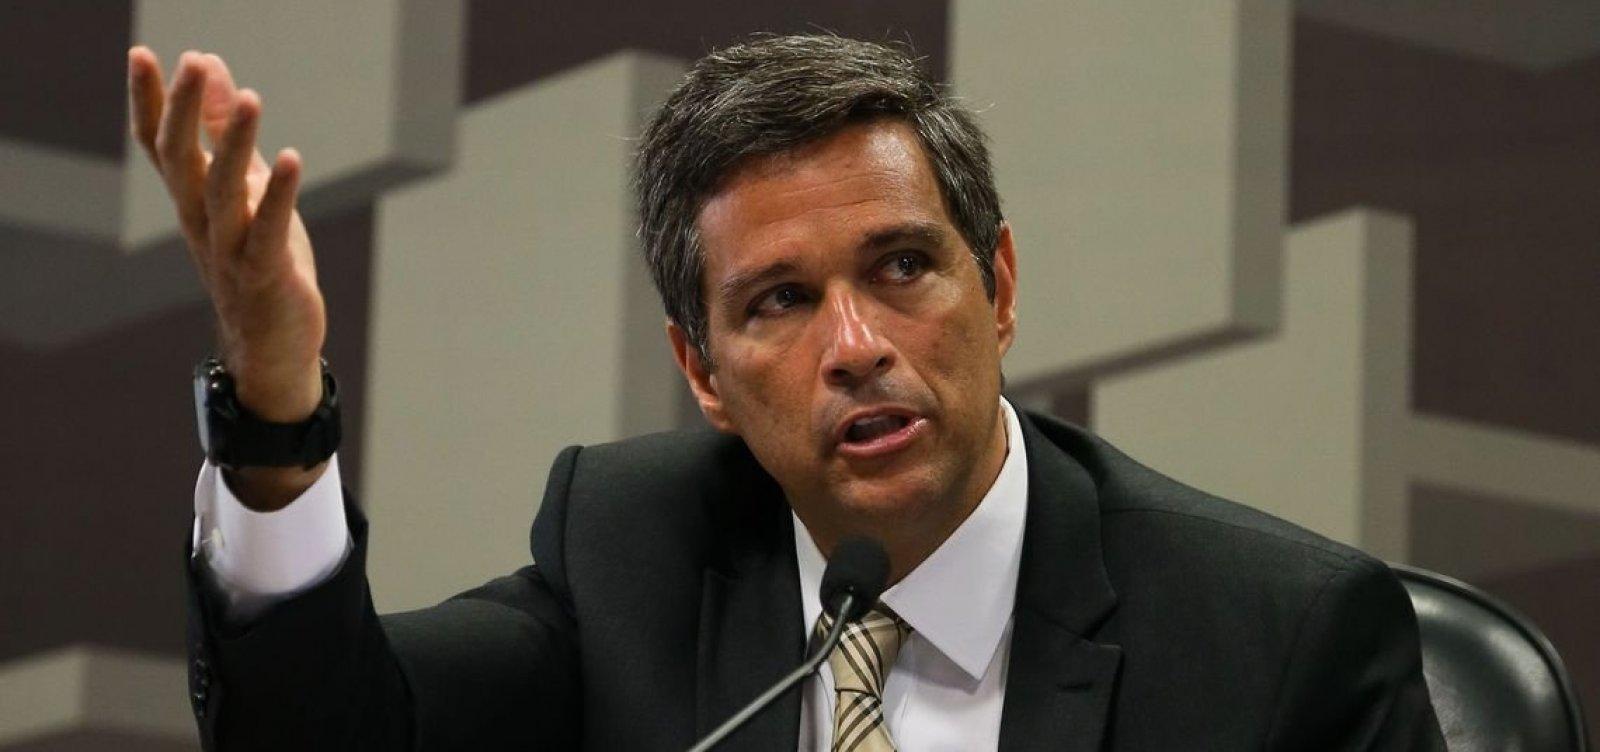 Frustração com cessão onerosa fez dólar subir, diz presidente do Banco Central